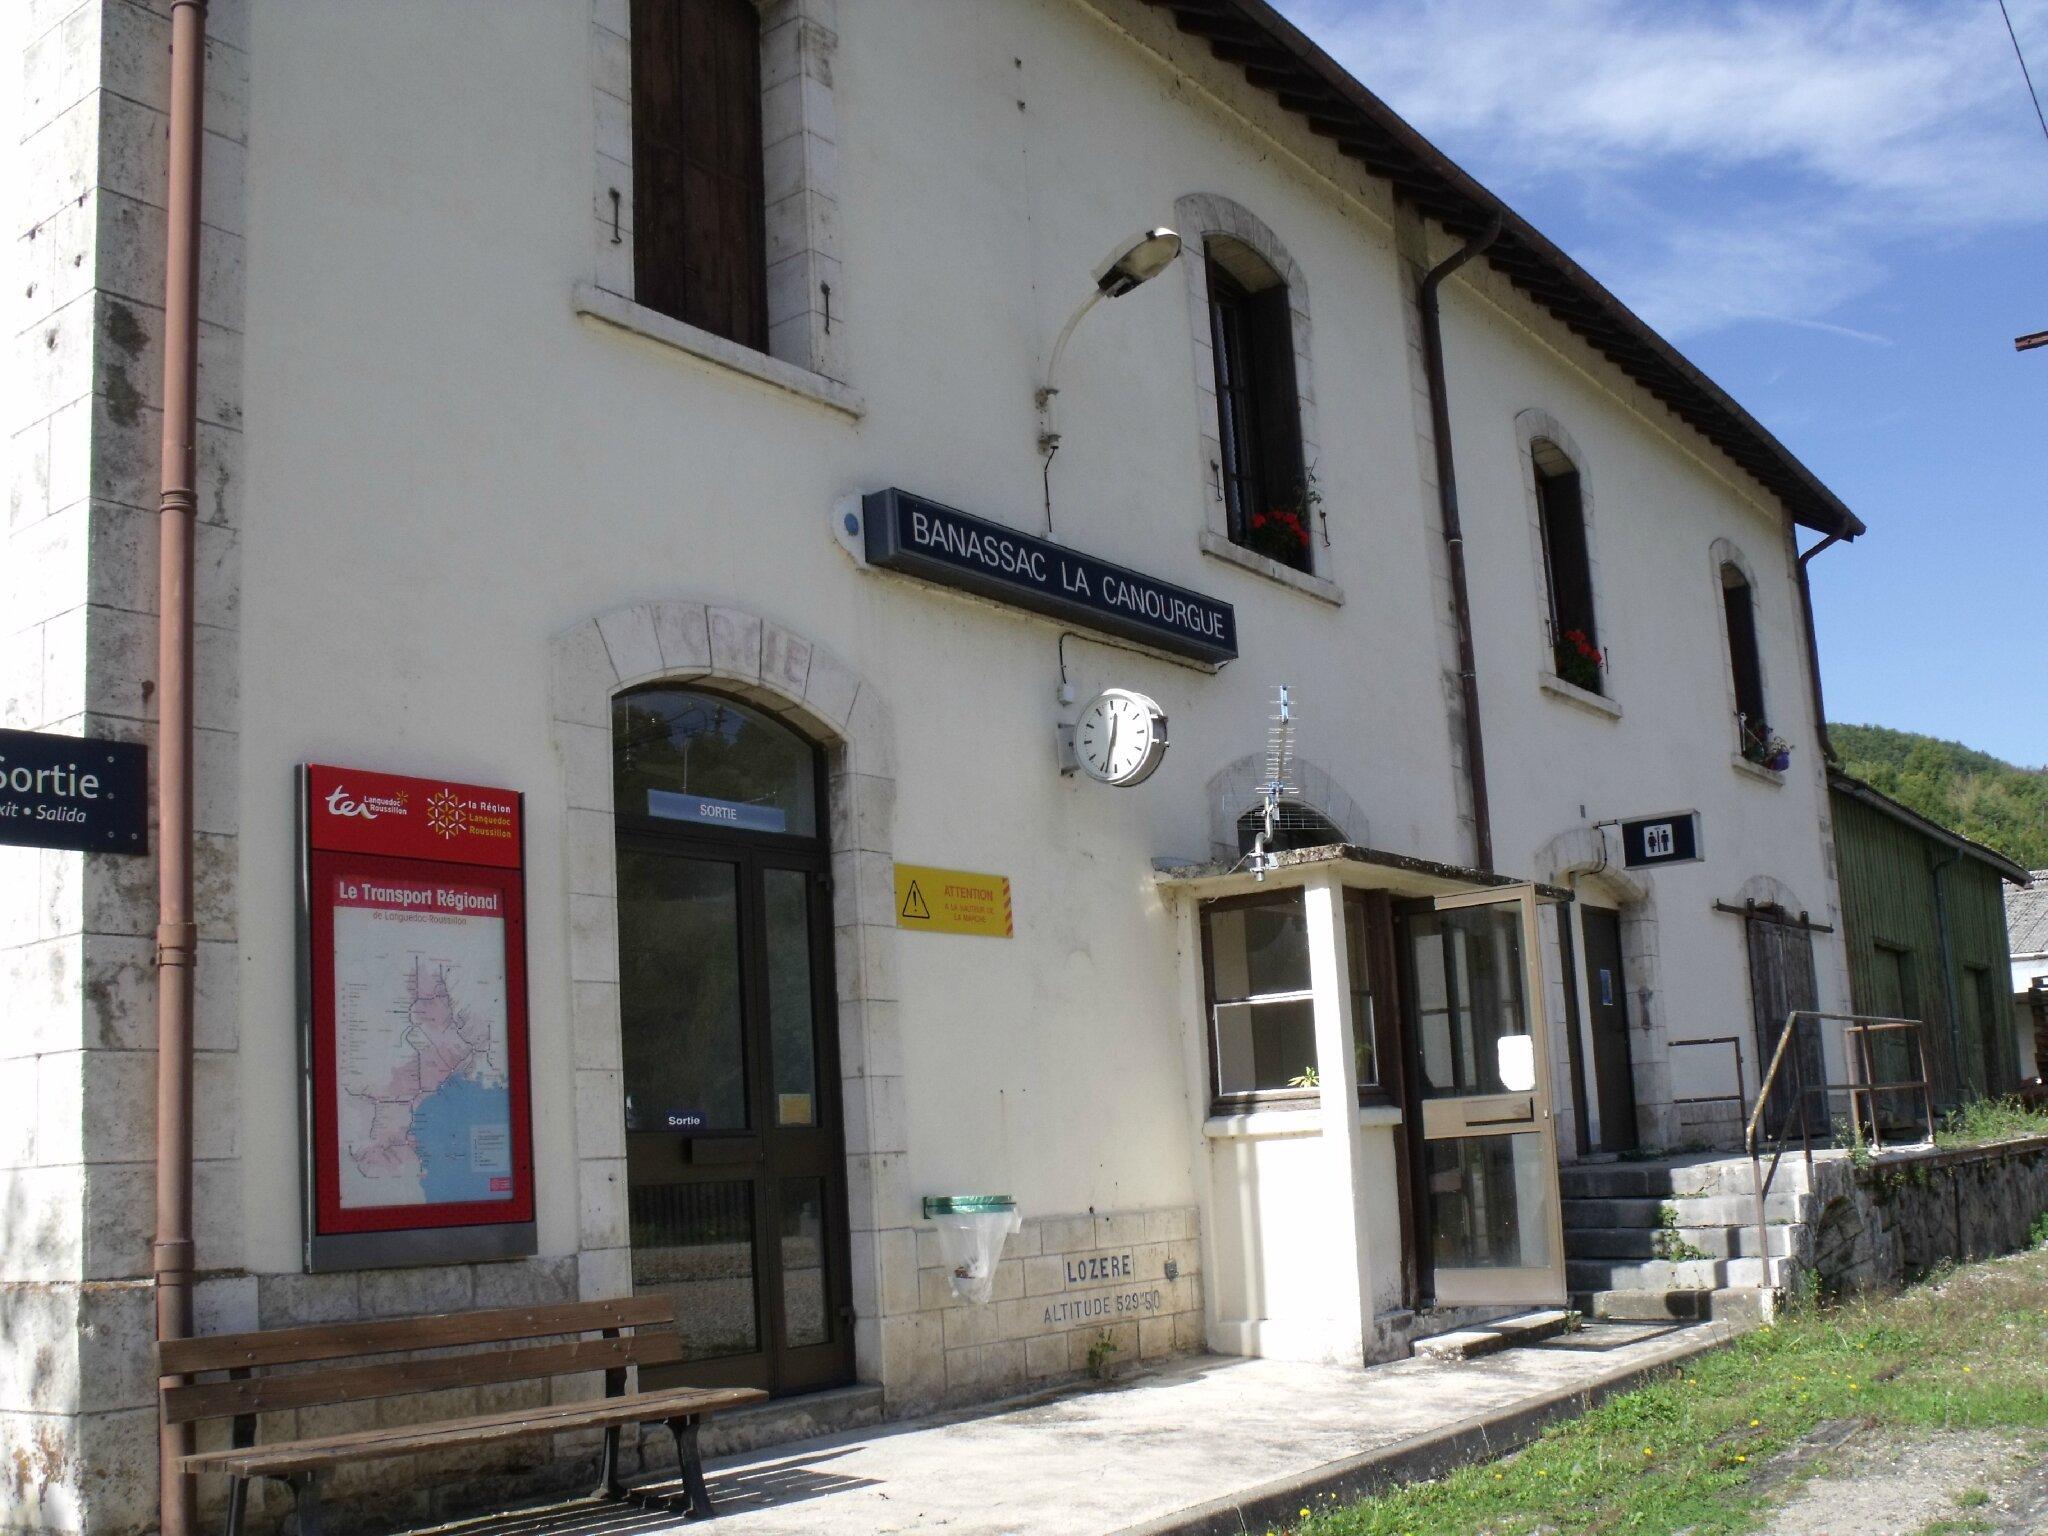 Banassac - La Canourgue (Lozère - 48)